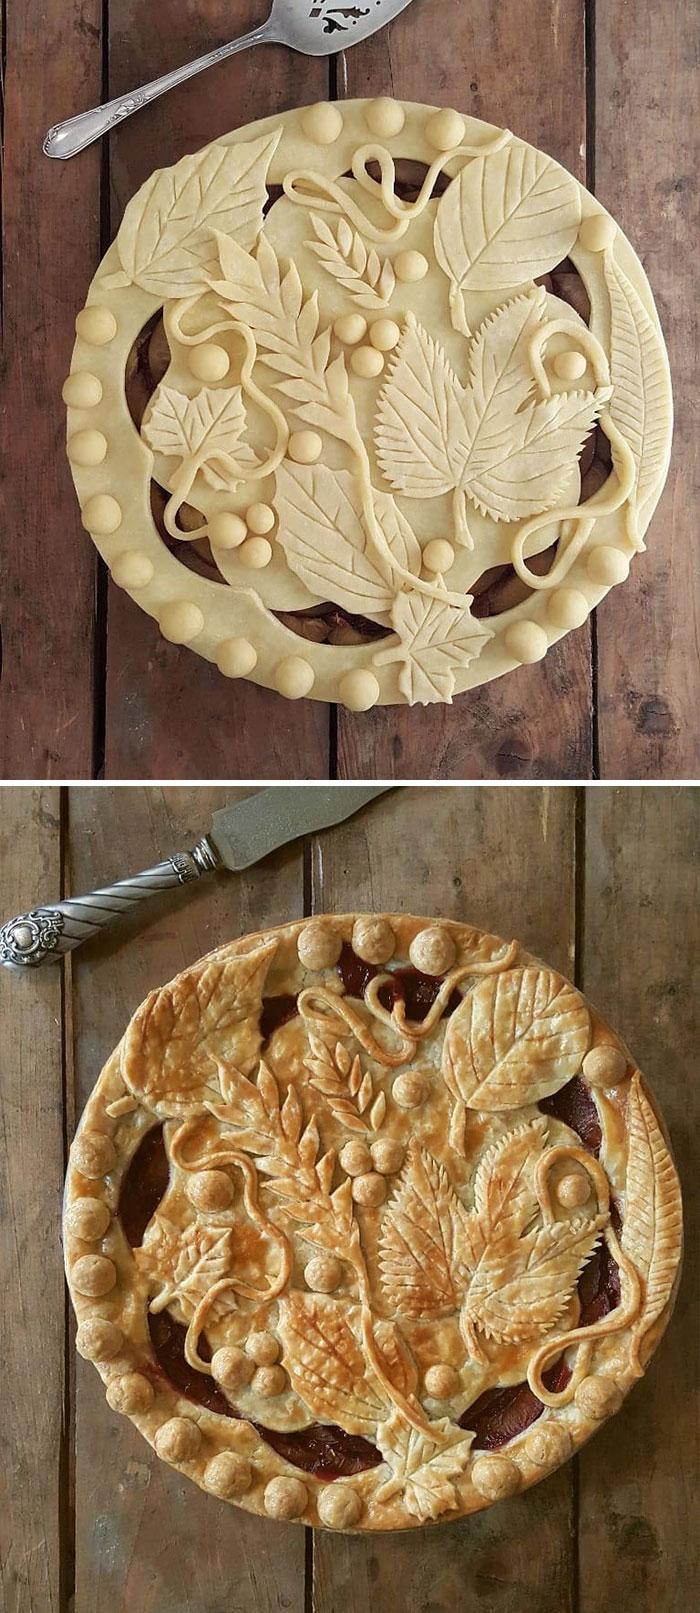 Pie-Crust-Design-Before-After-Part-2-Karin-Pfeiff-Boschek